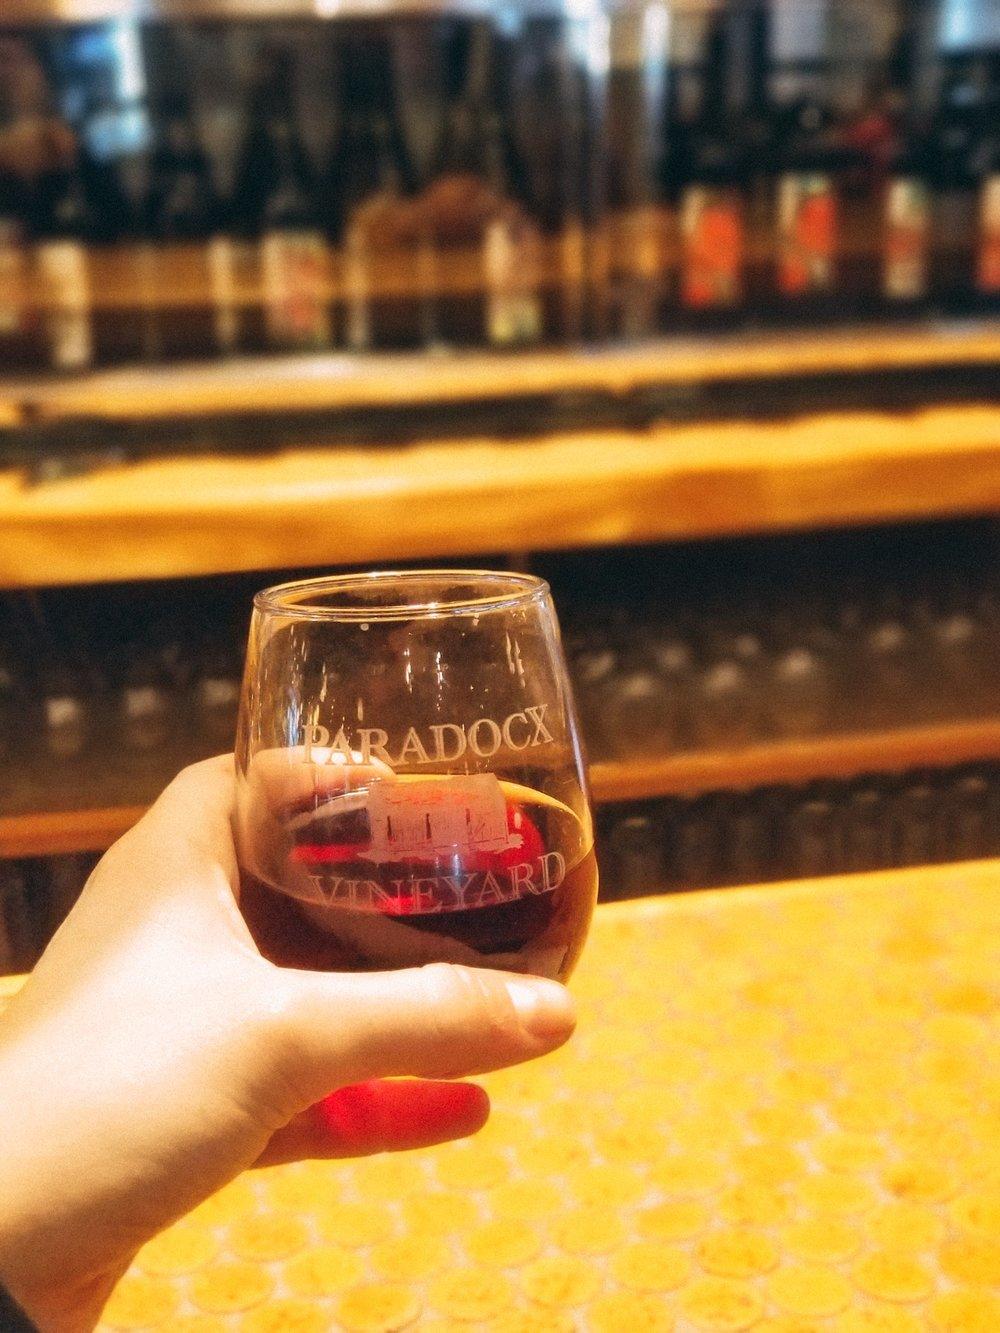 Paradocx Winery